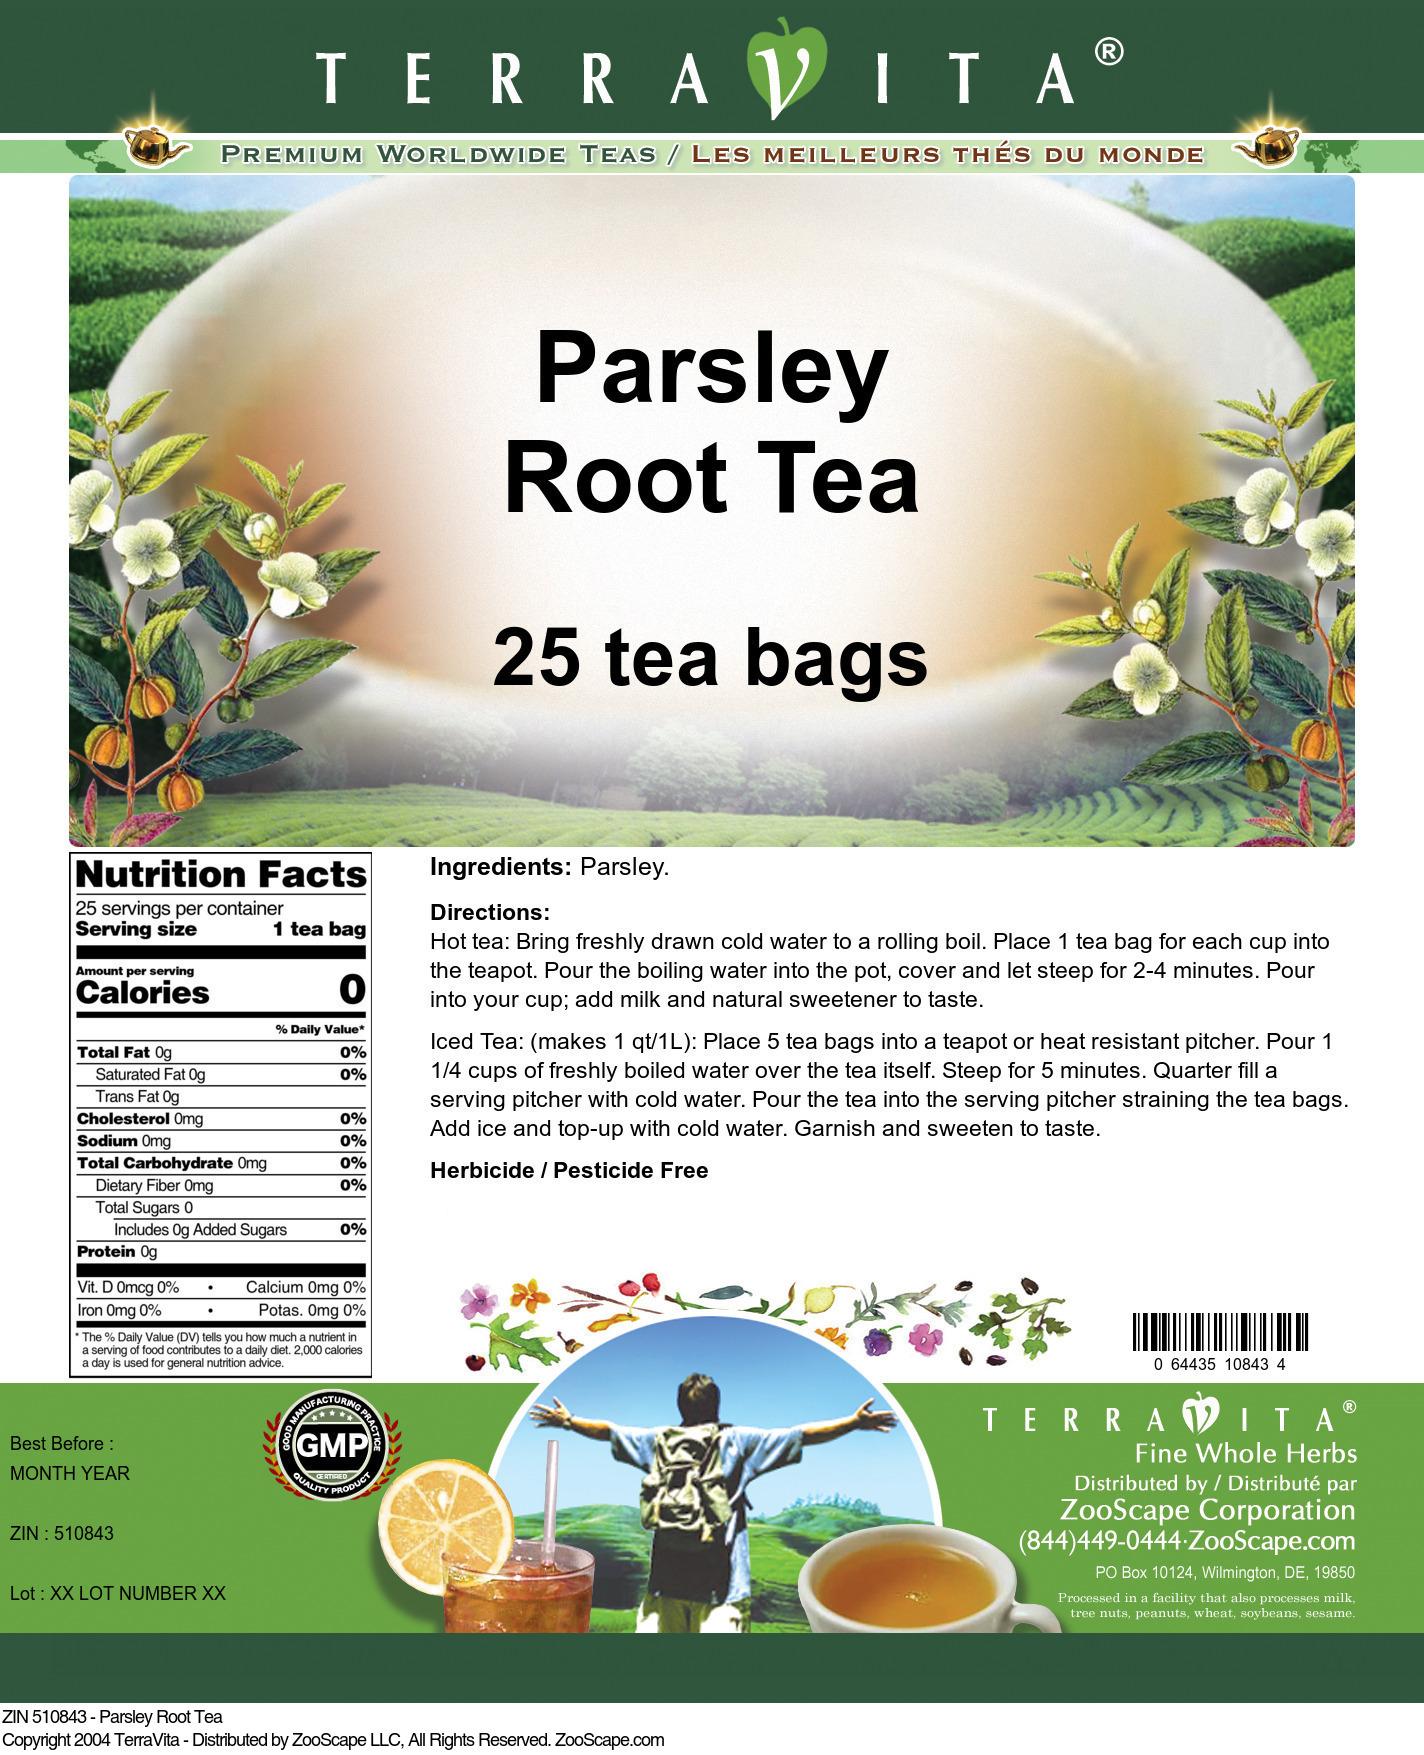 Parsley Root Tea